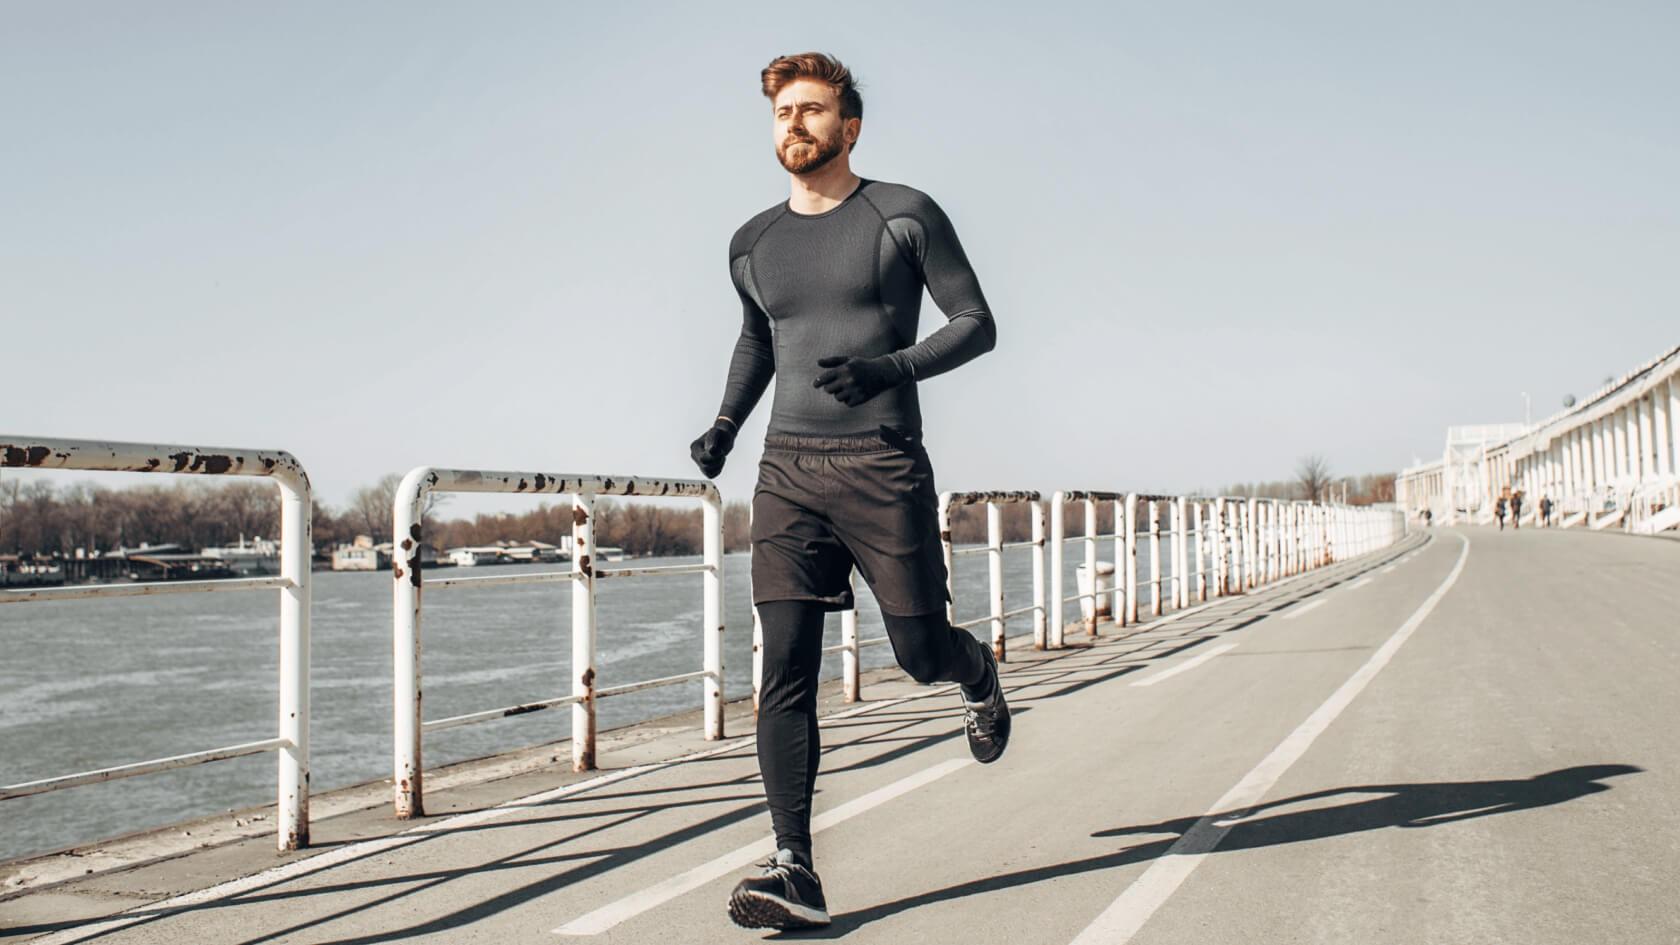 Ein Mann in Funktionskleidung beim Joggen am Ufer.